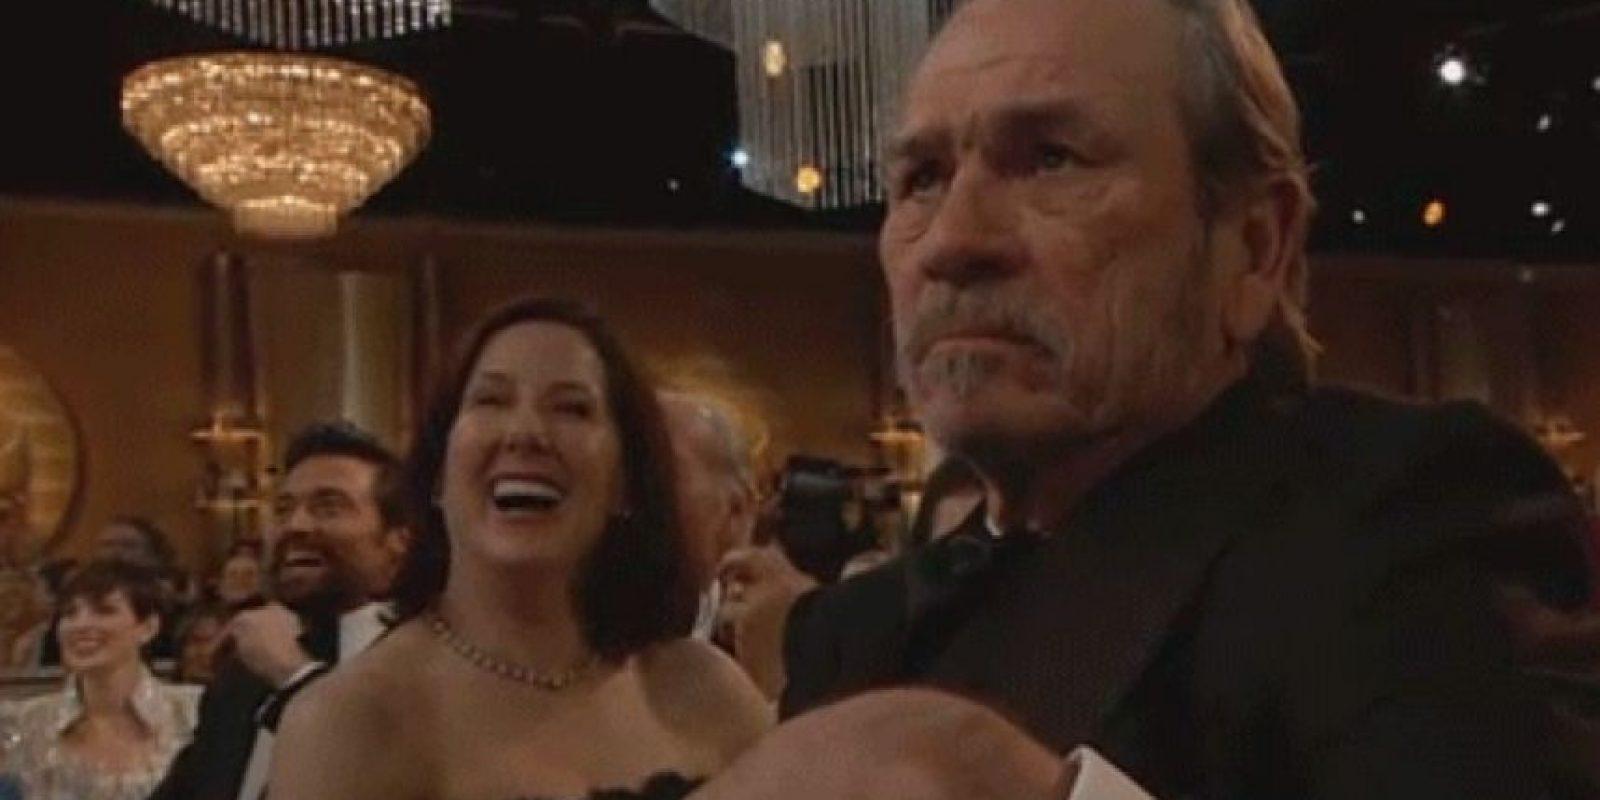 La cara de Tommy Lee Jones sirvió para más de un meme Foto:NBC